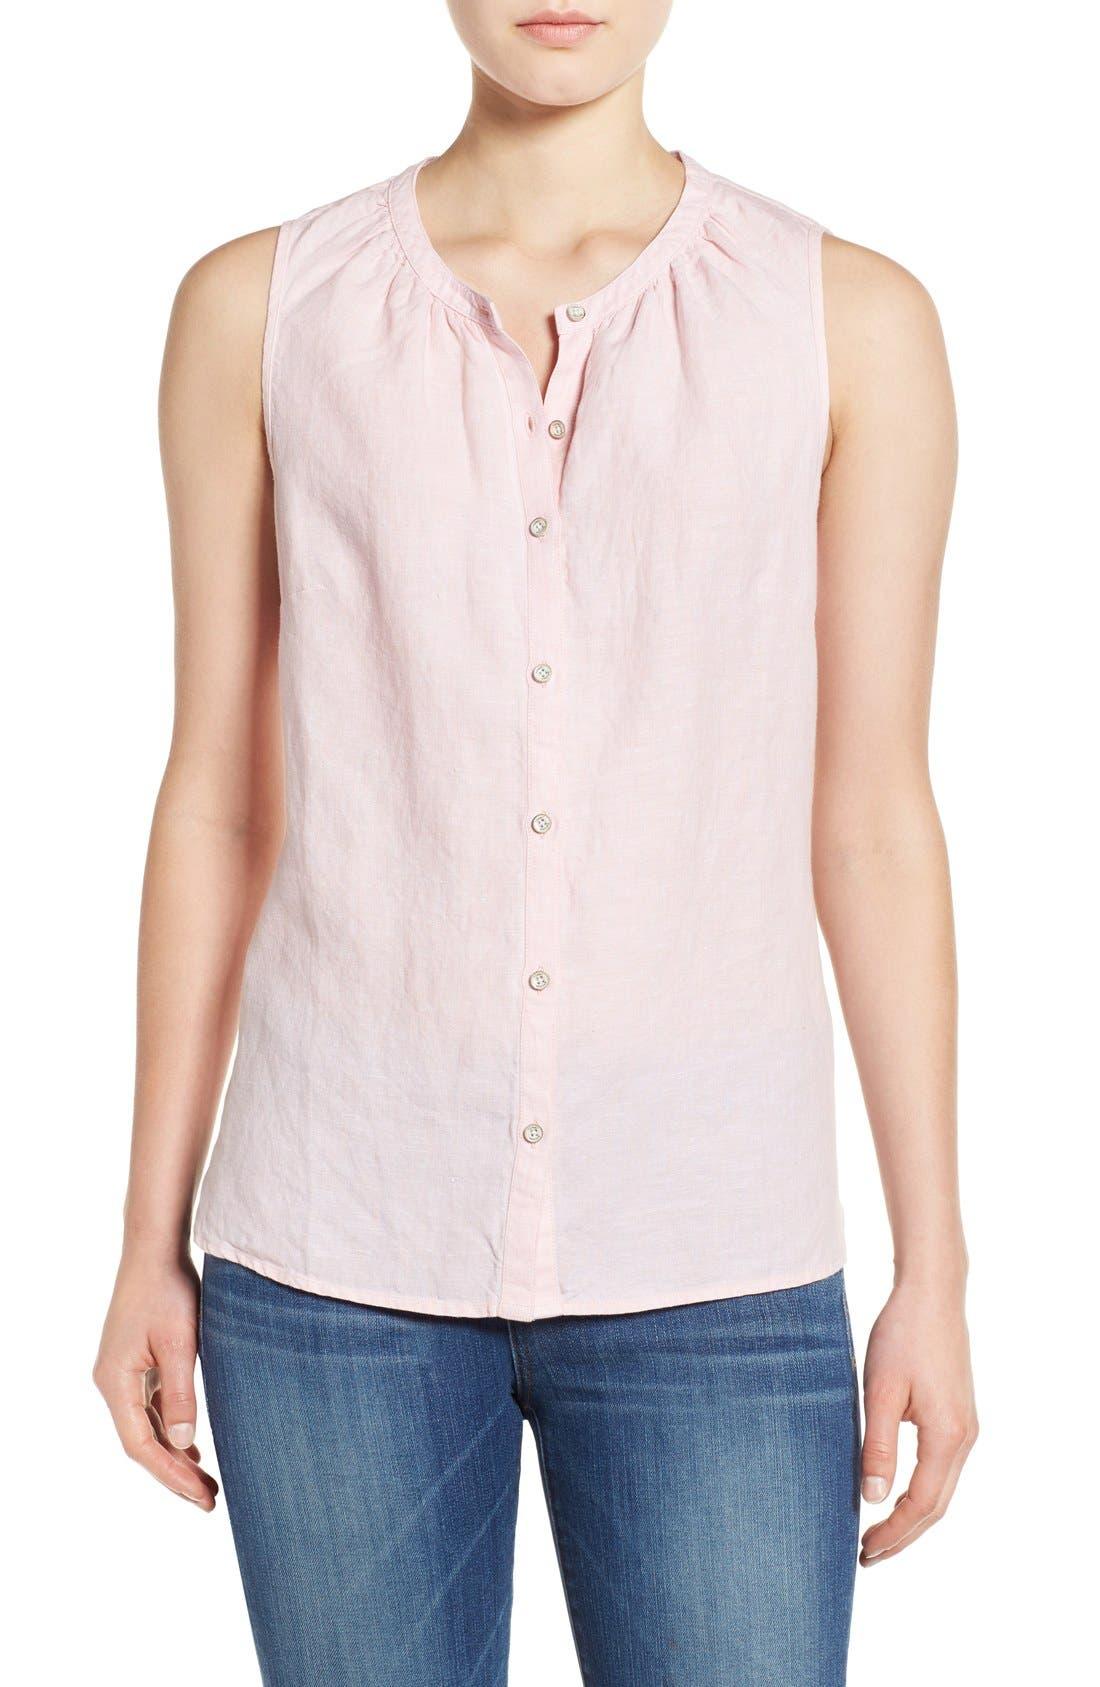 Alternate Image 1 Selected - Tommy Bahama 'Sunset Chambray' Sleeveless Shirt